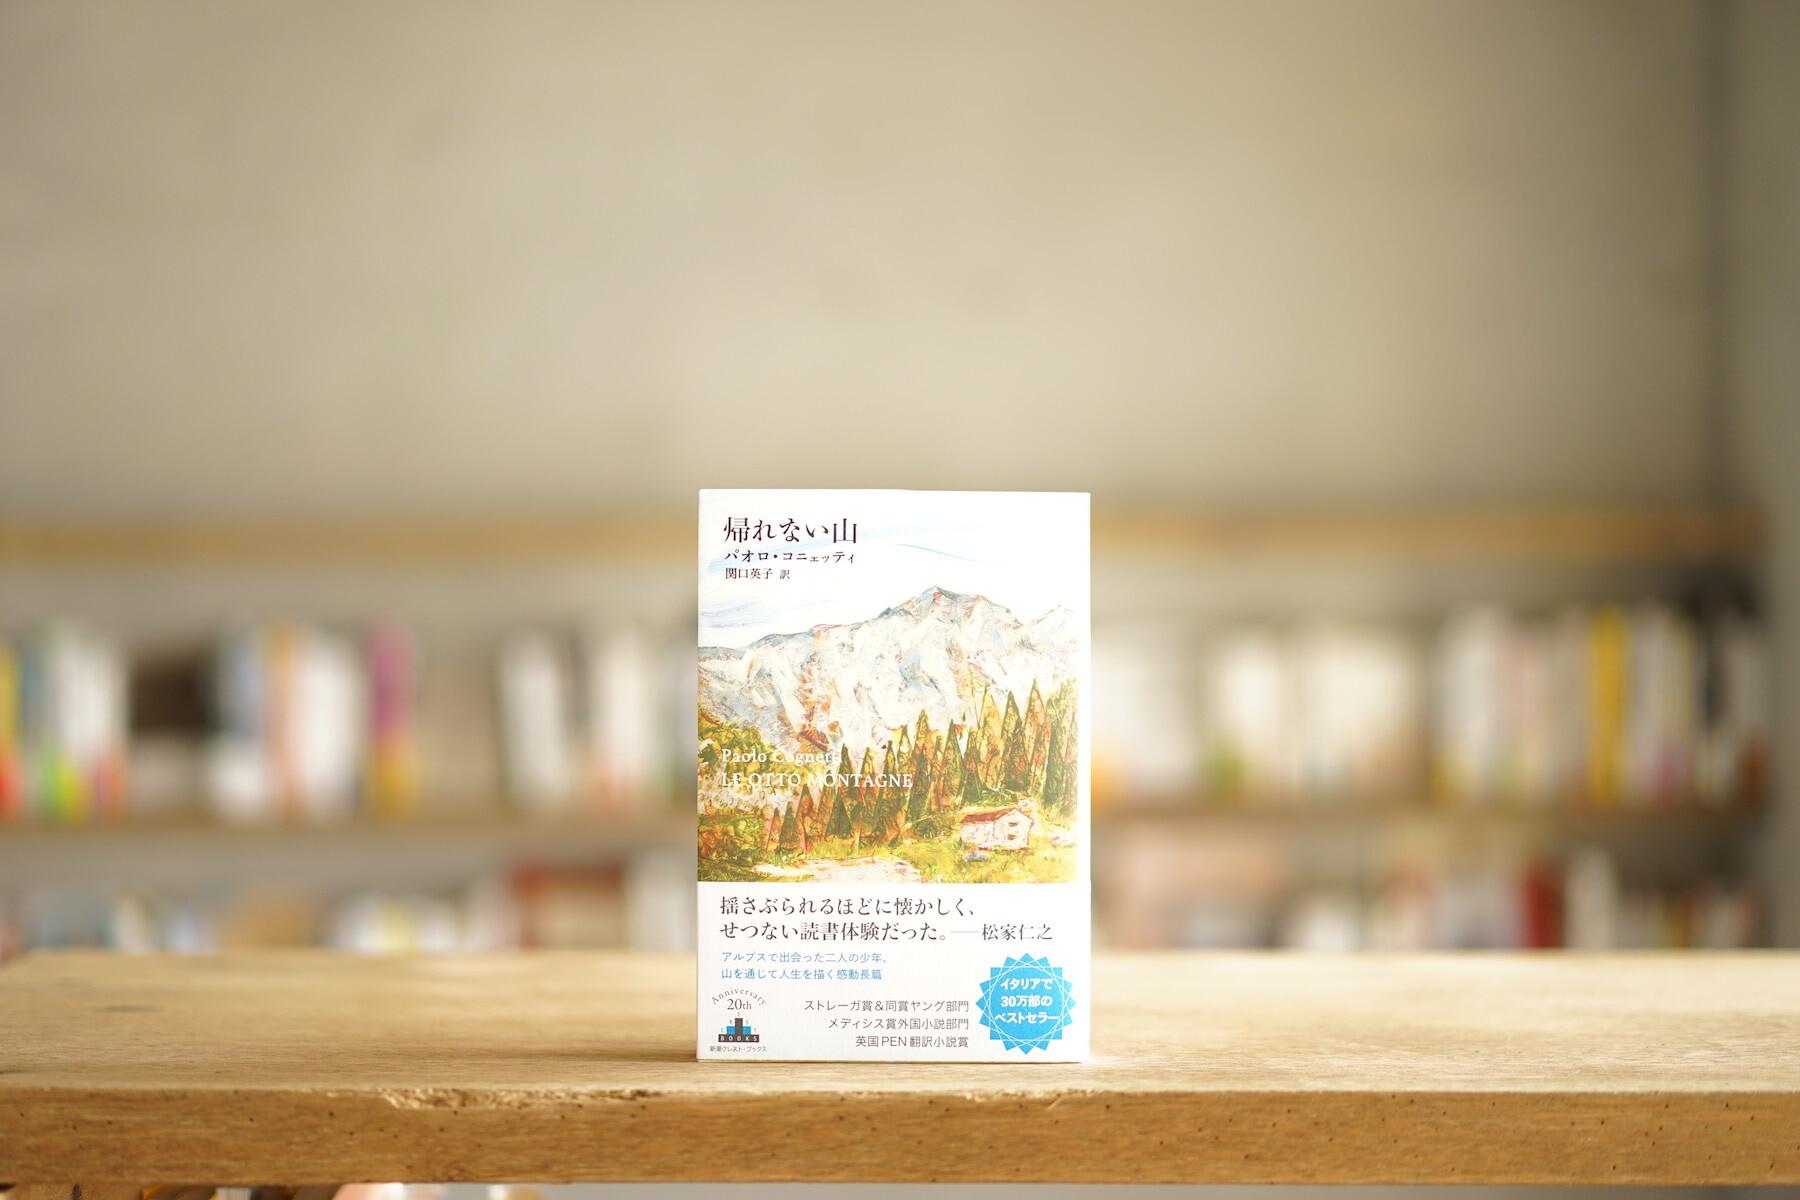 パオロ・コニェッティ 訳:関口英子 『帰れない山』 (新潮社、2018)